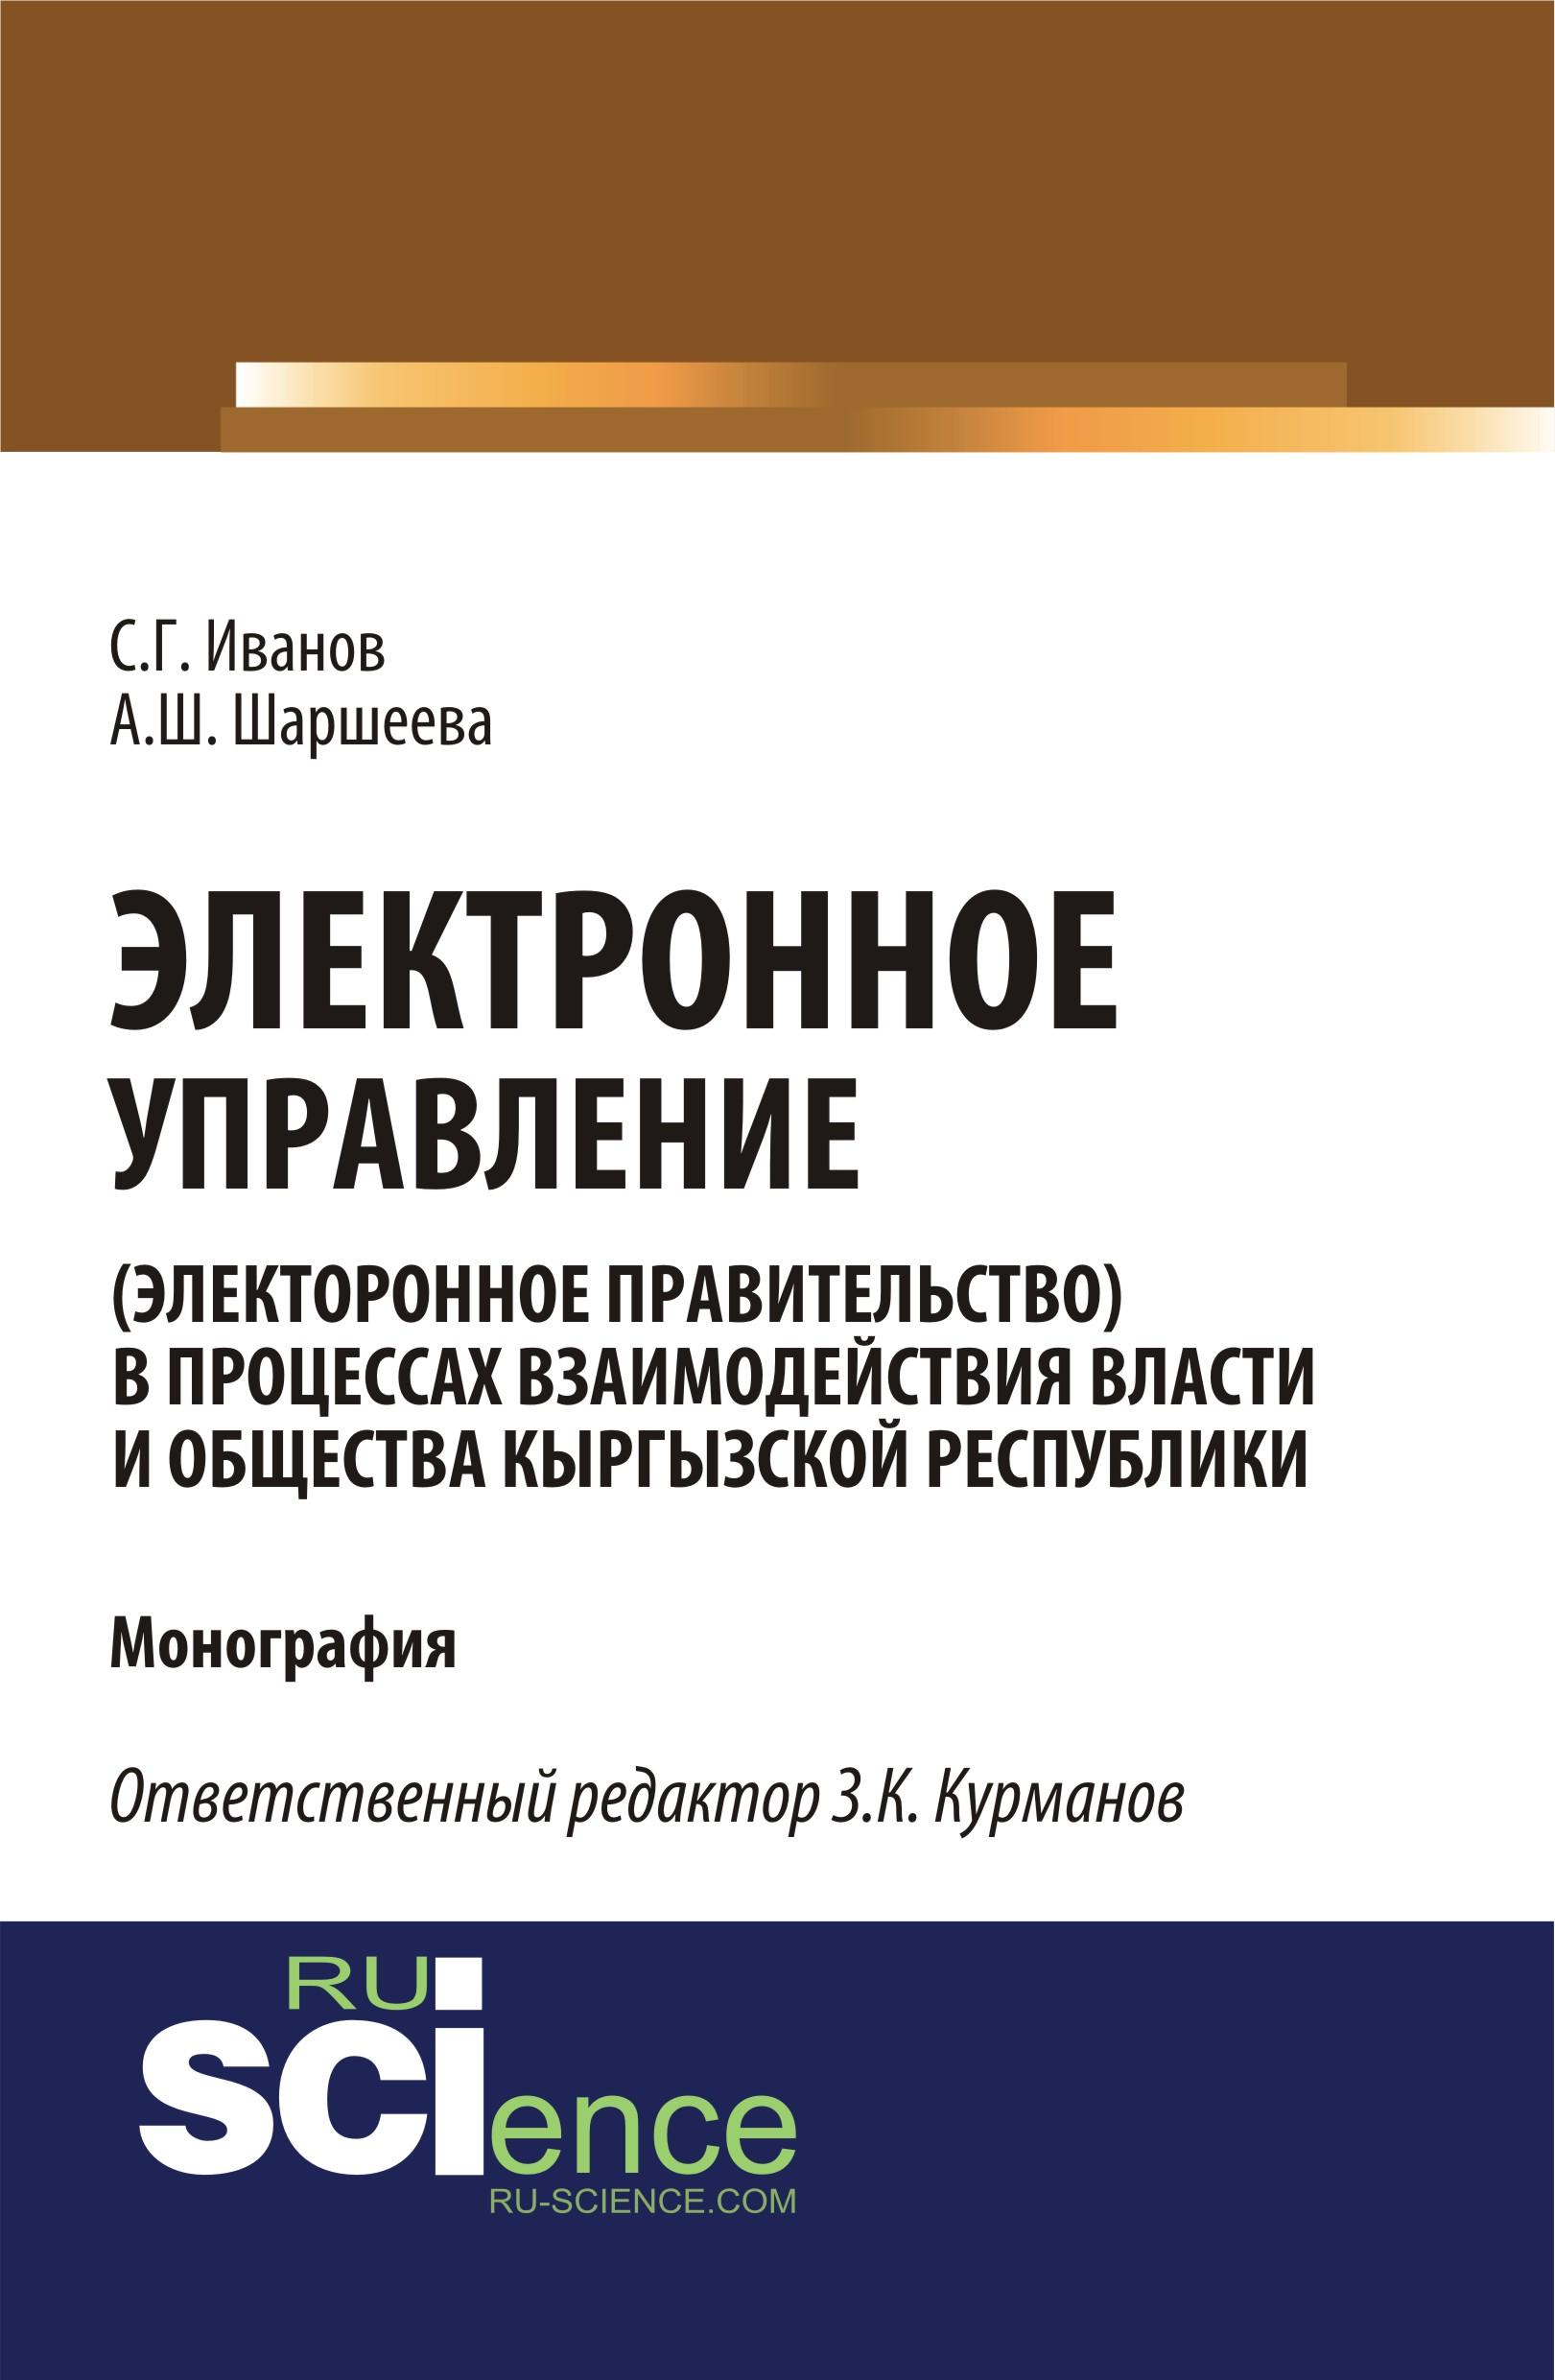 Электронное управление (электронное правительство) в процессах взаимодействия власти и общества Кыргызской Республики